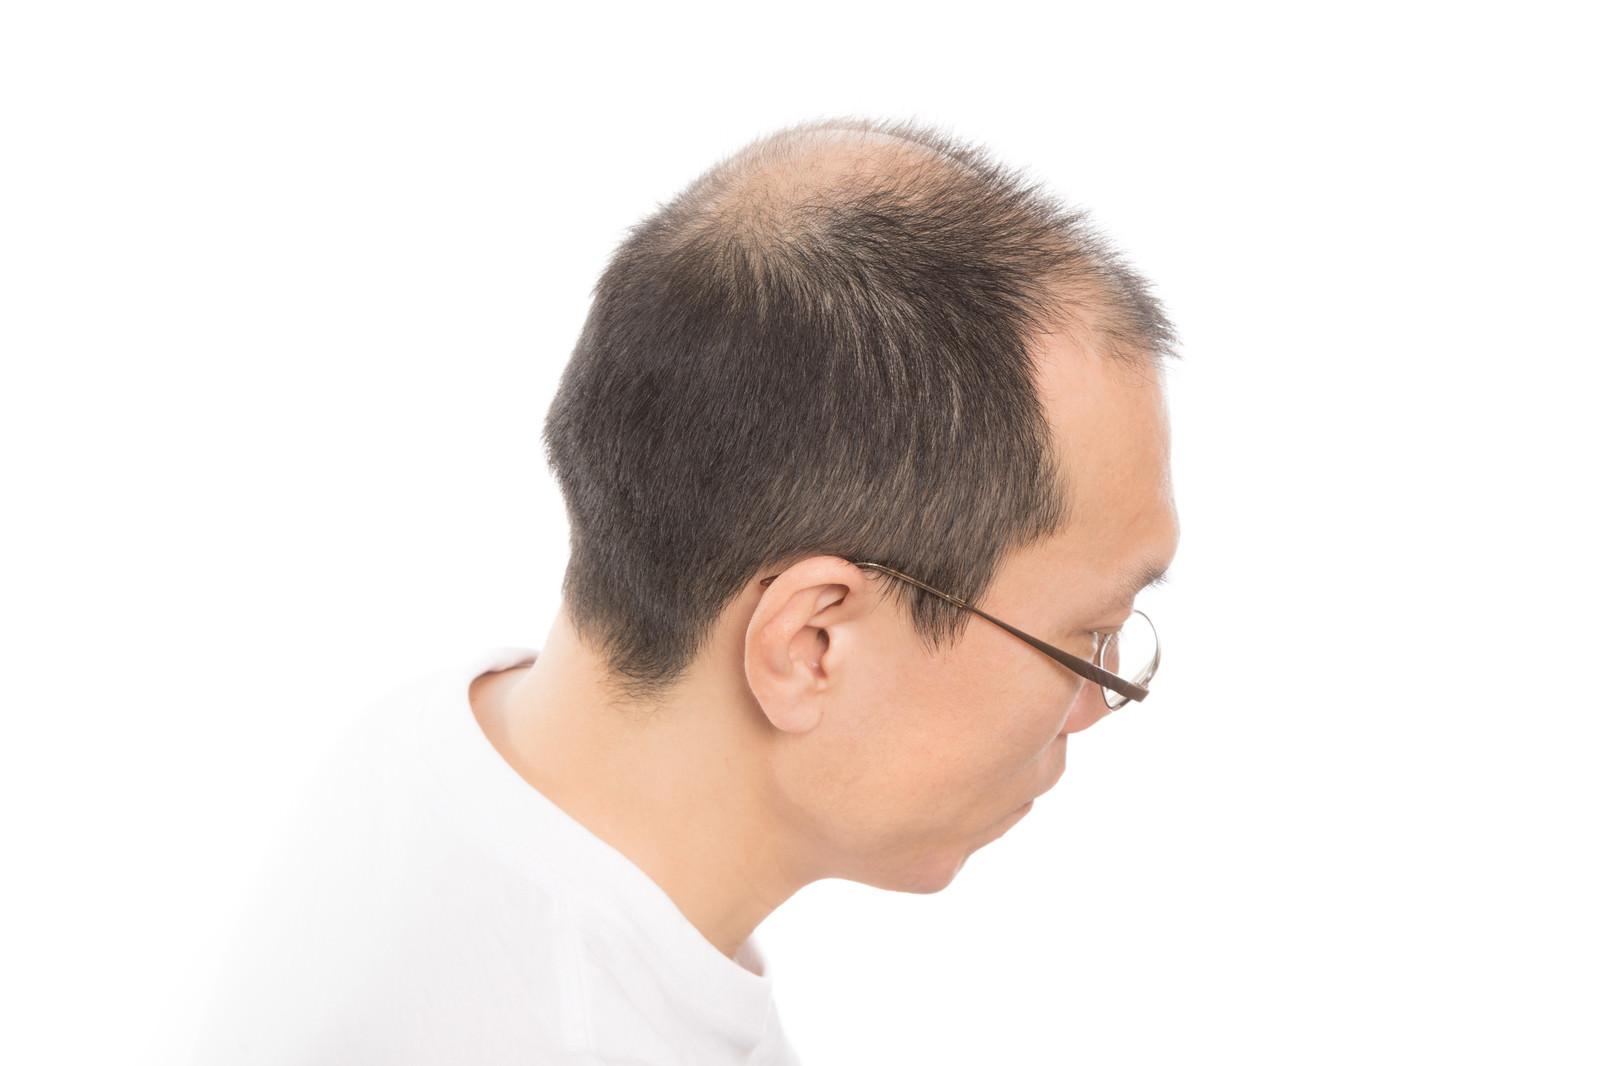 「M字と頭頂部が薄いアラフォー男性の頭部」の写真[モデル:サンライズ鈴木]